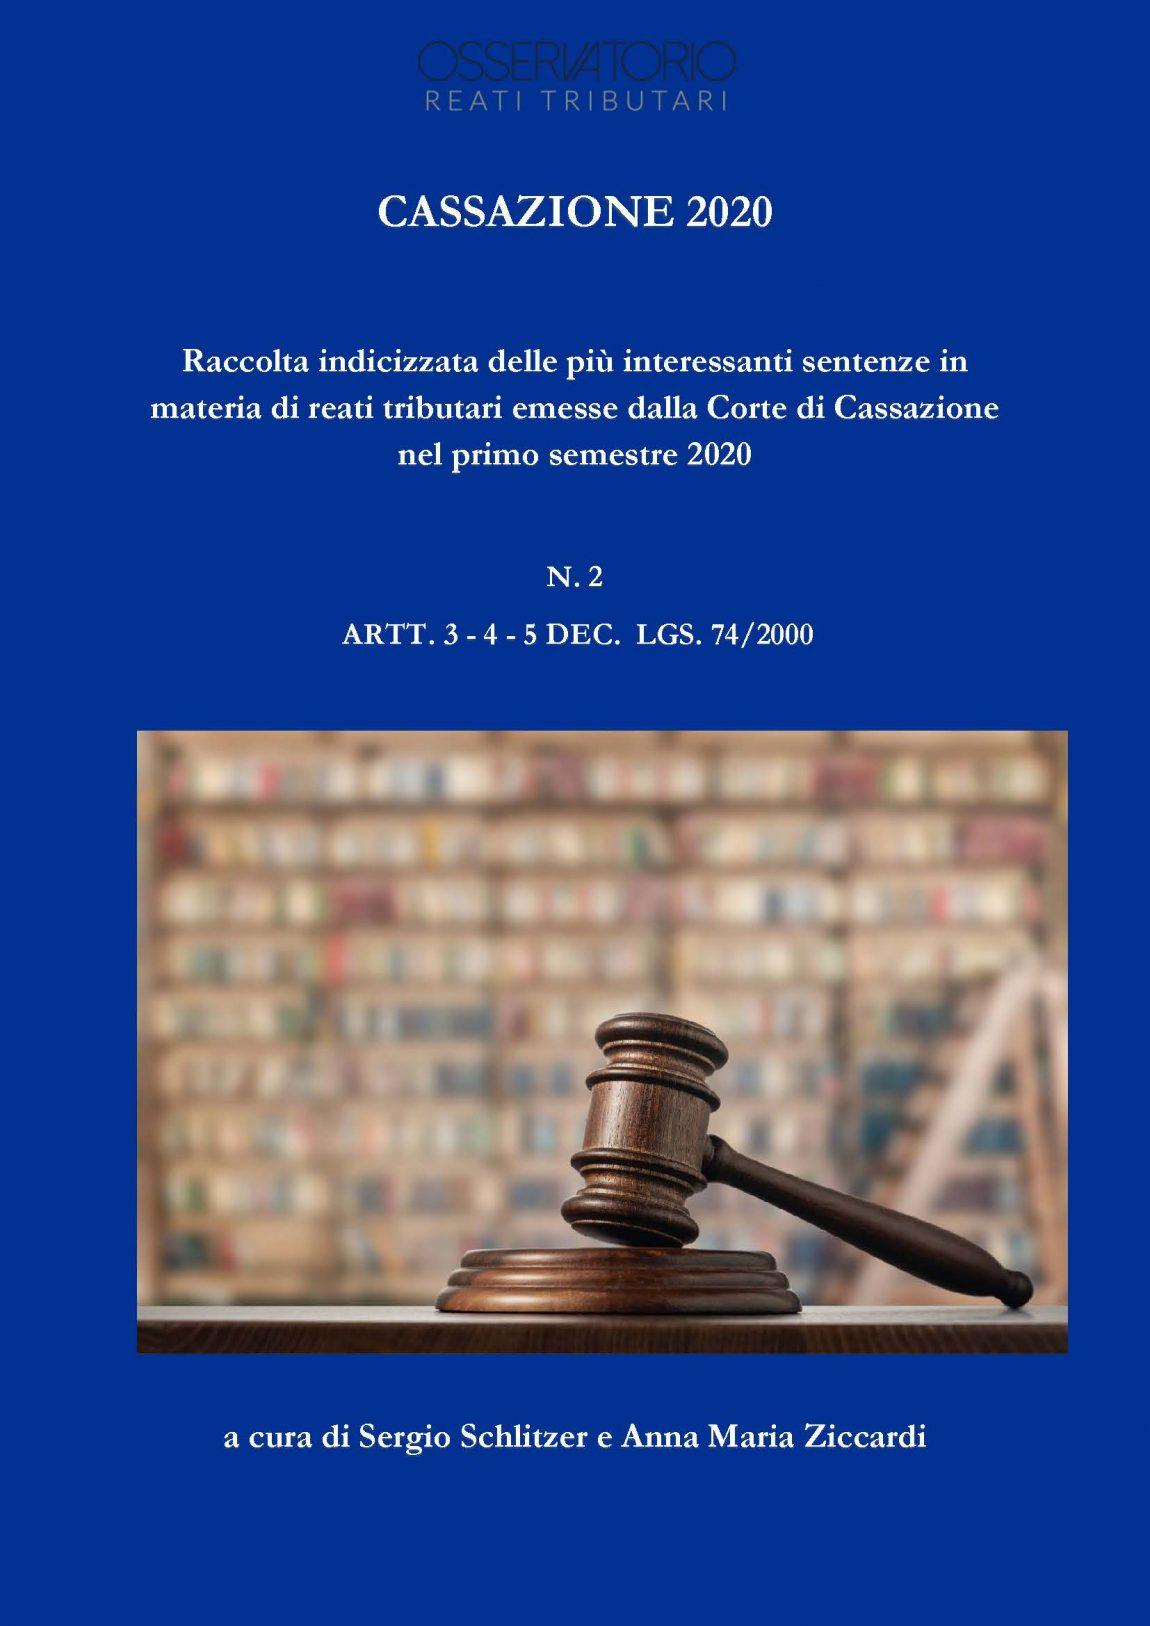 Secondo numero della raccolta indicizzata delle sentenze in tema di reati tributari